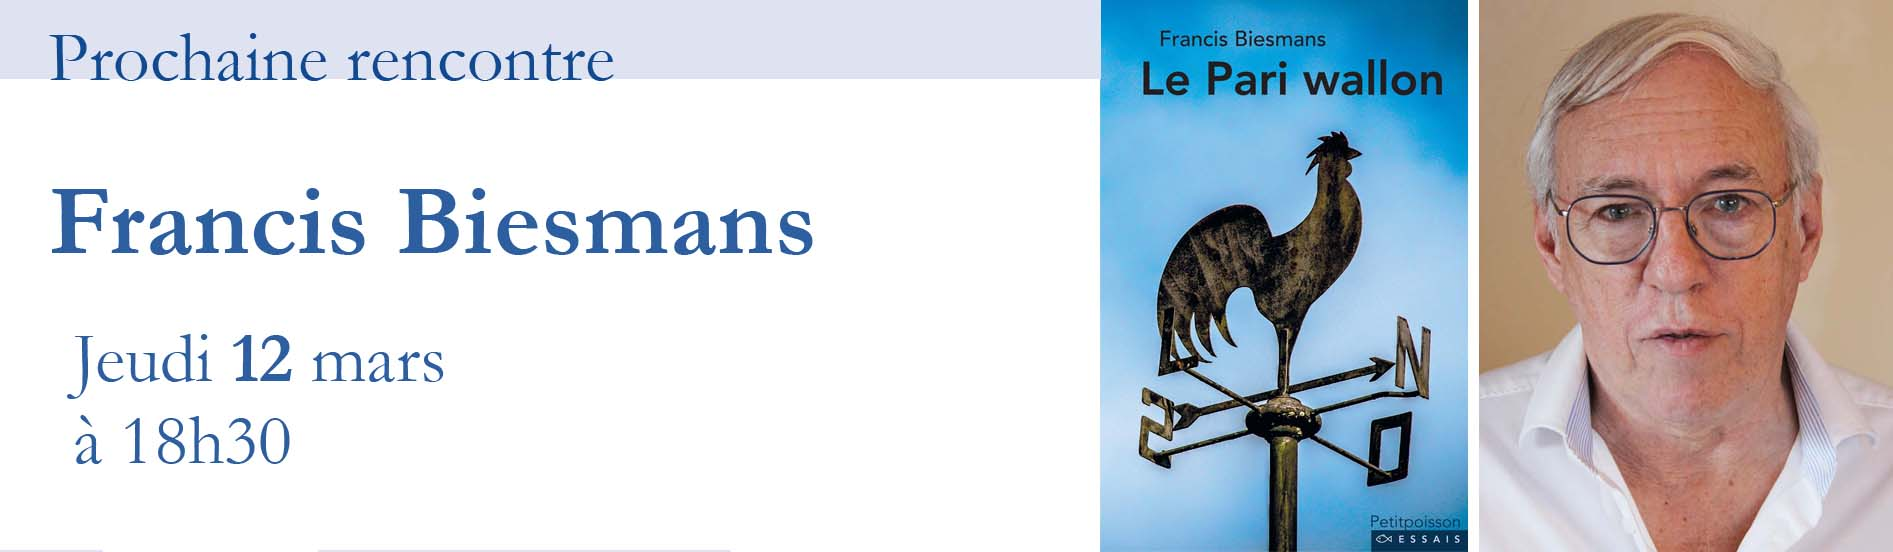 Rencontre avec Francis Biesmans